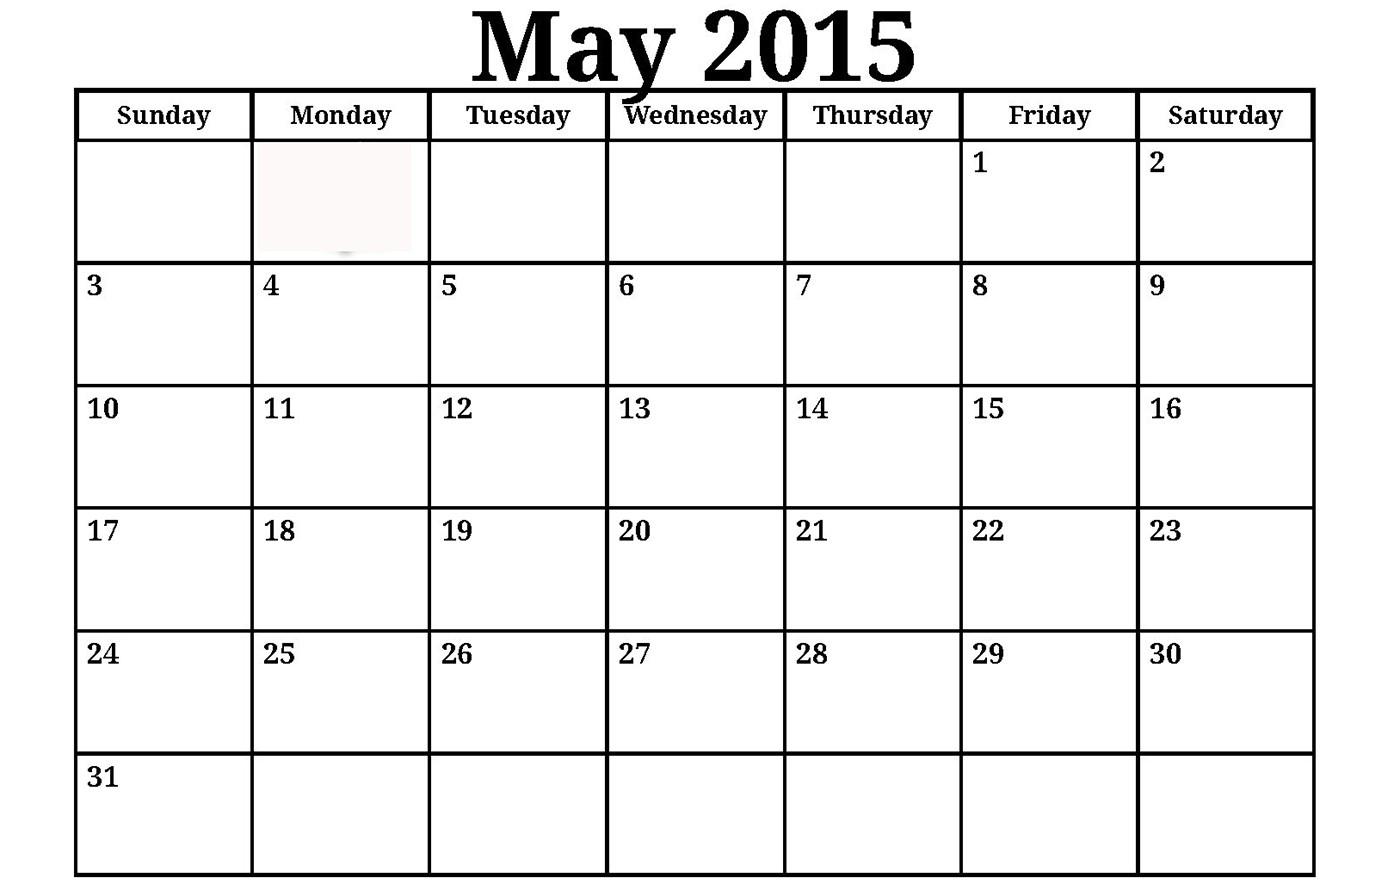 Calendar May 2015.